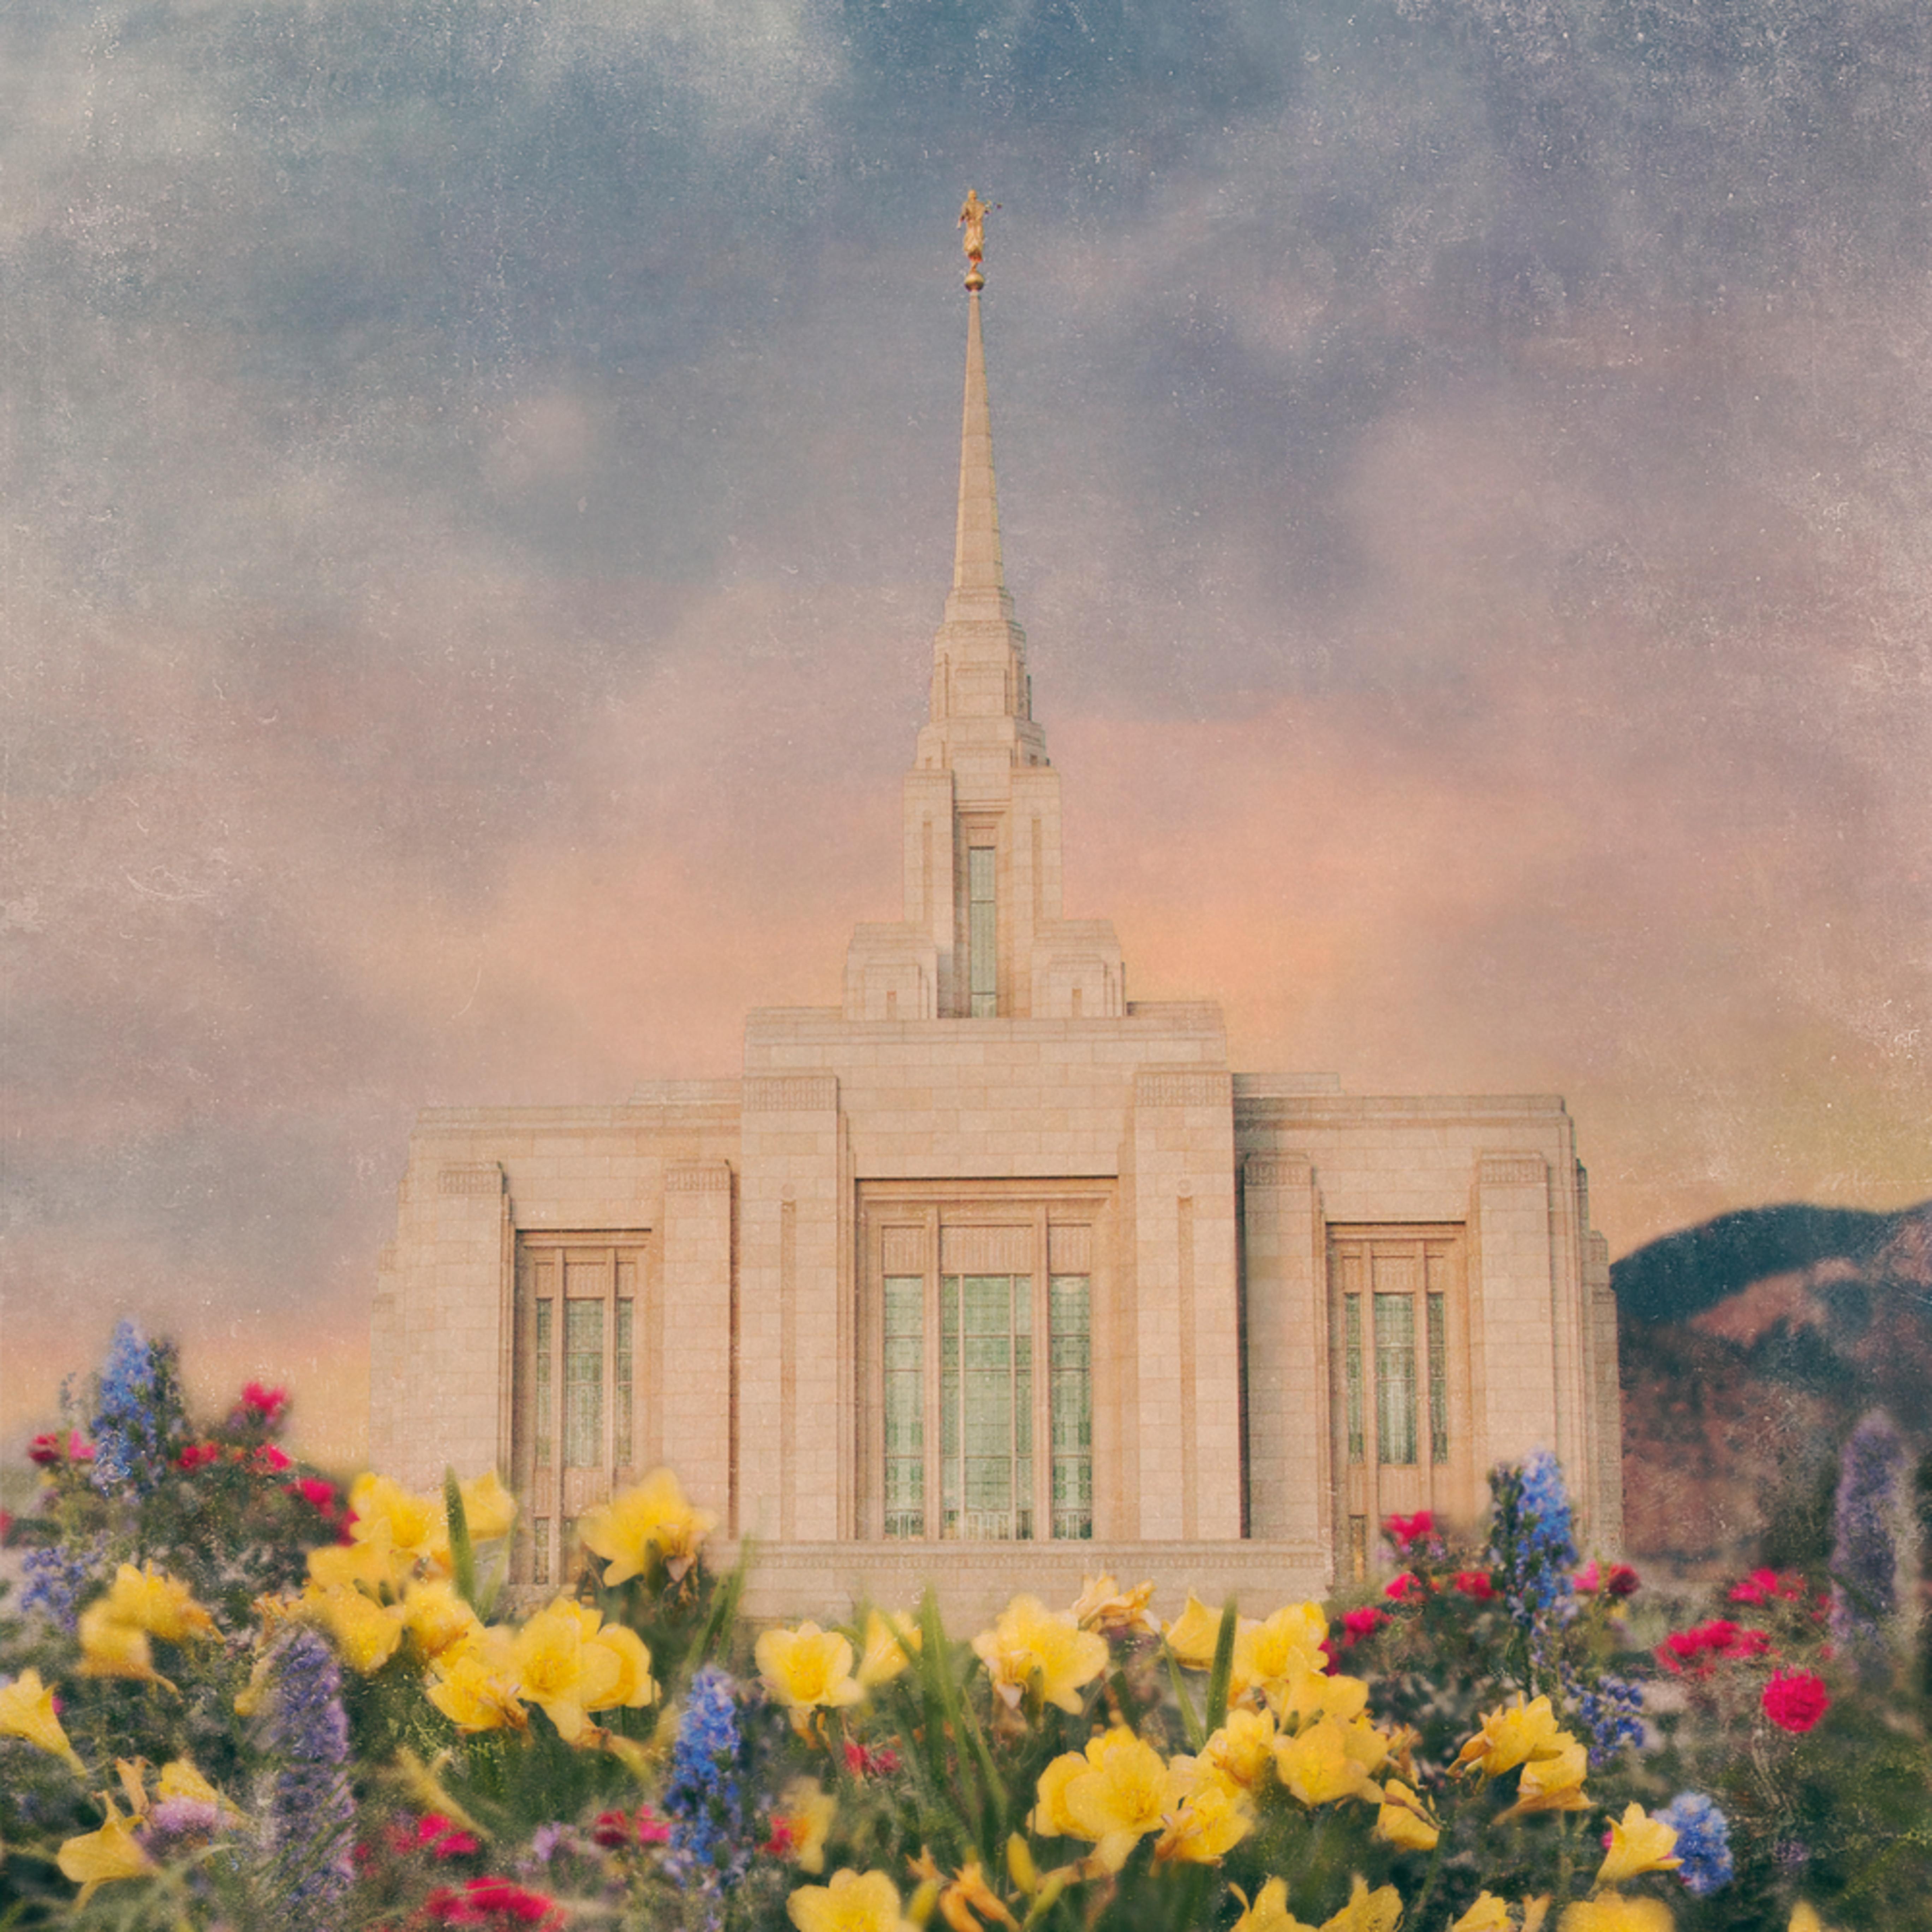 Ogden temple new a cchgw1